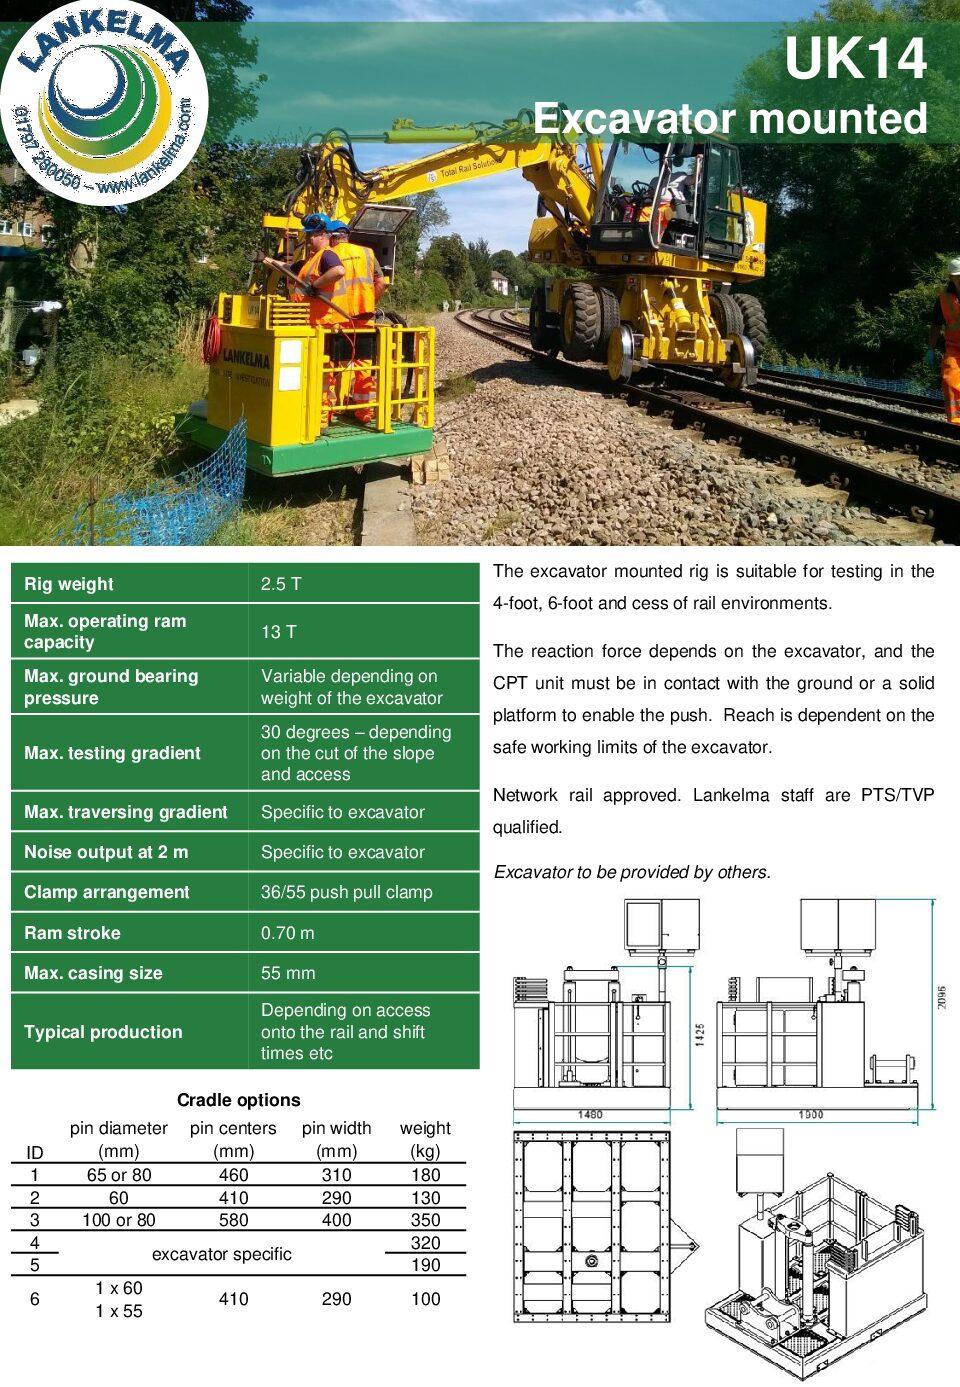 Lankelma Excavator-Mounted Rig (UK14) Data Sheet